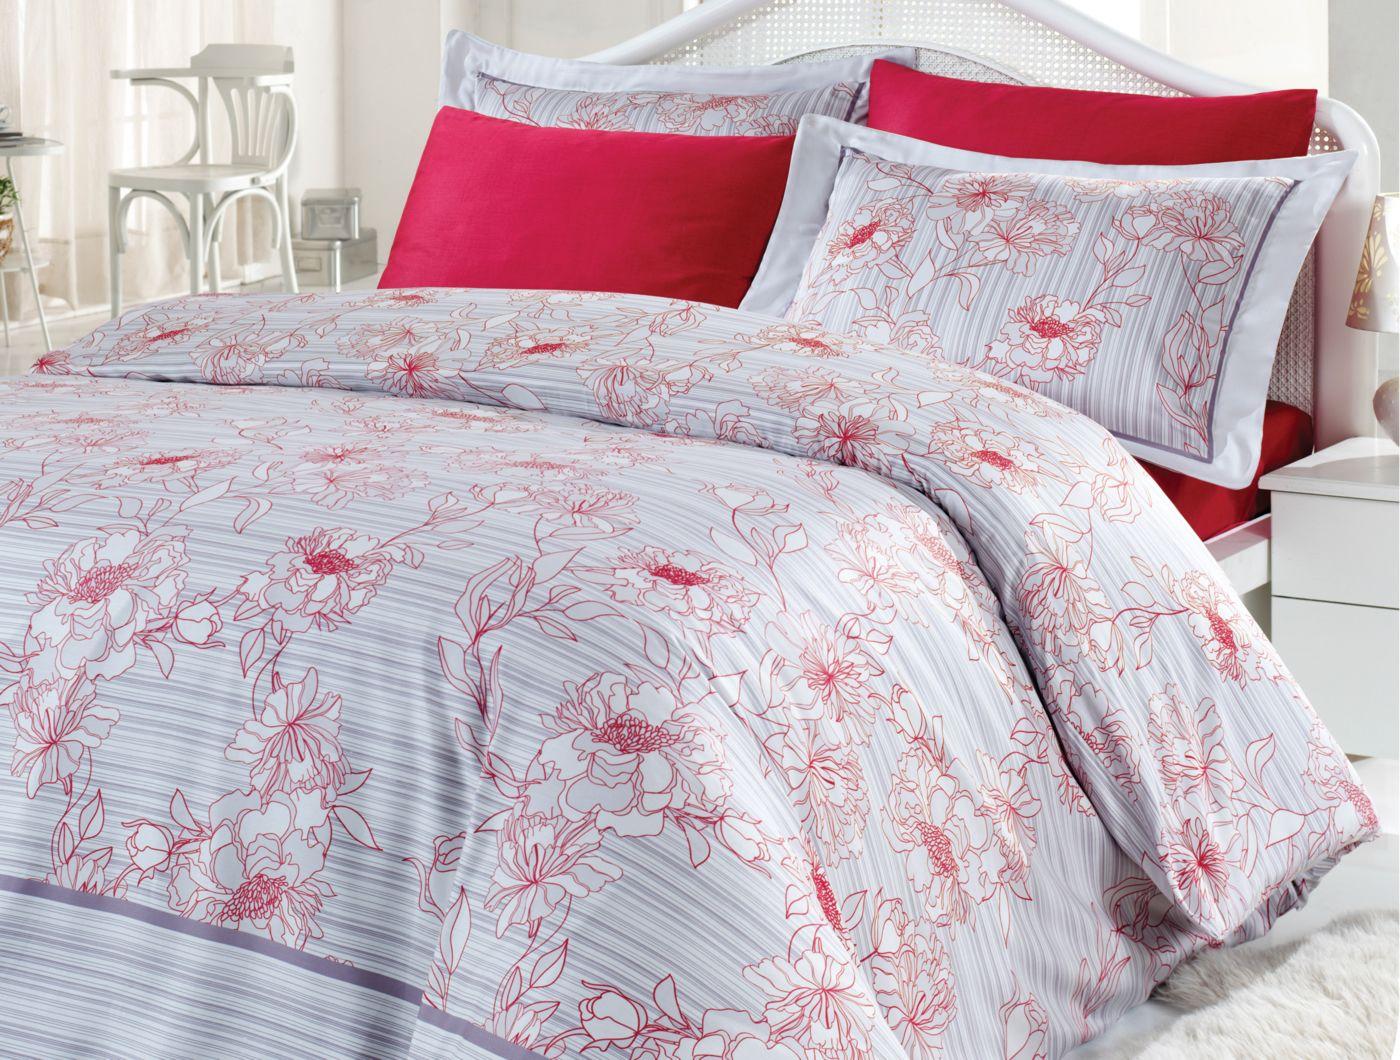 bettw sche 200x220 cm schlafzimmer kommode beige m bel kraft kleiderschr nke mikolux bettw sche. Black Bedroom Furniture Sets. Home Design Ideas